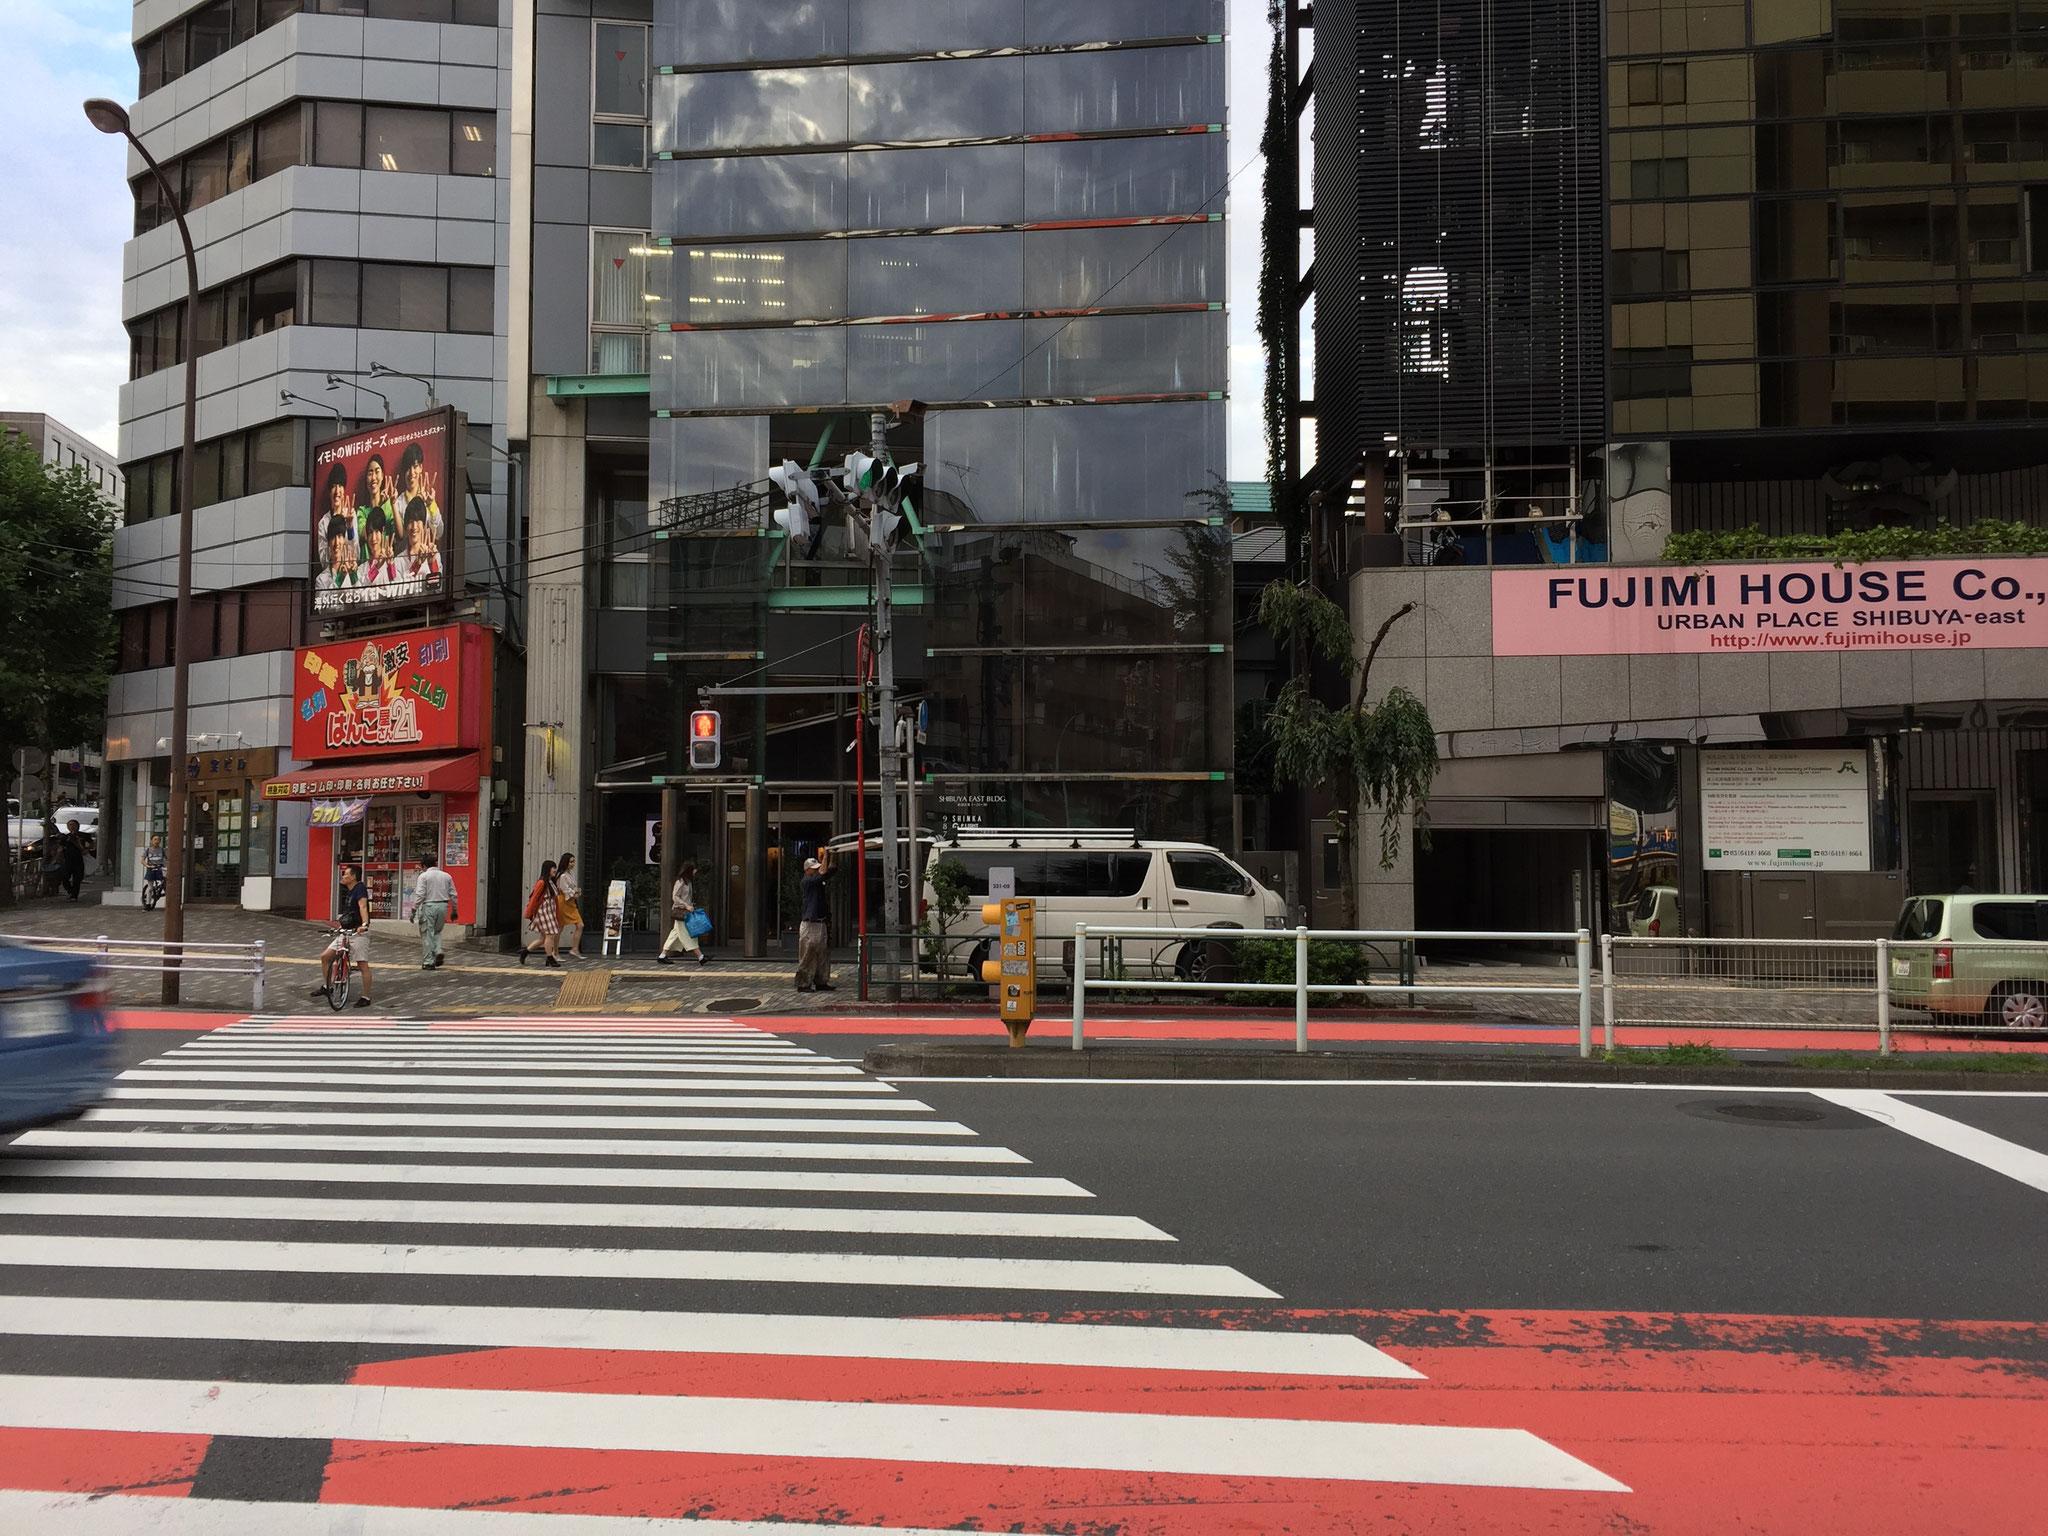 並木橋交差点を渡り引き続き明治通沿いを進みます ※タクシーは交差点を左折して坂を上り一つ目の信号を右折します(店の前が一通のため)